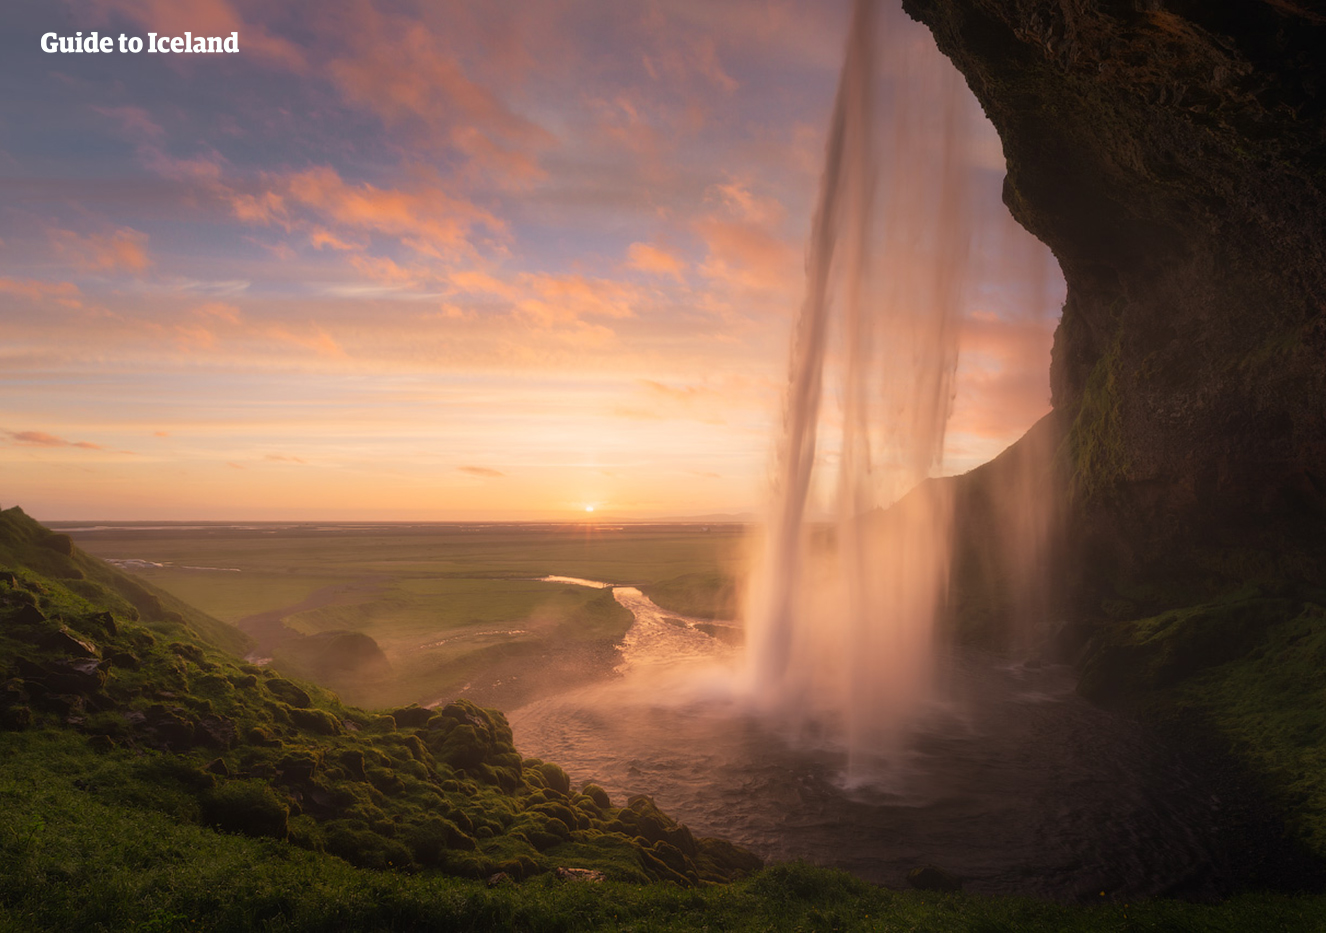 Rond de zomerzonnewende in juni kunnen bezoekers om middernacht achter de Seljalandsfoss-waterval staan en de zon zien balanceren op de zuidelijke horizon, waar ze niet achter ondergaat.